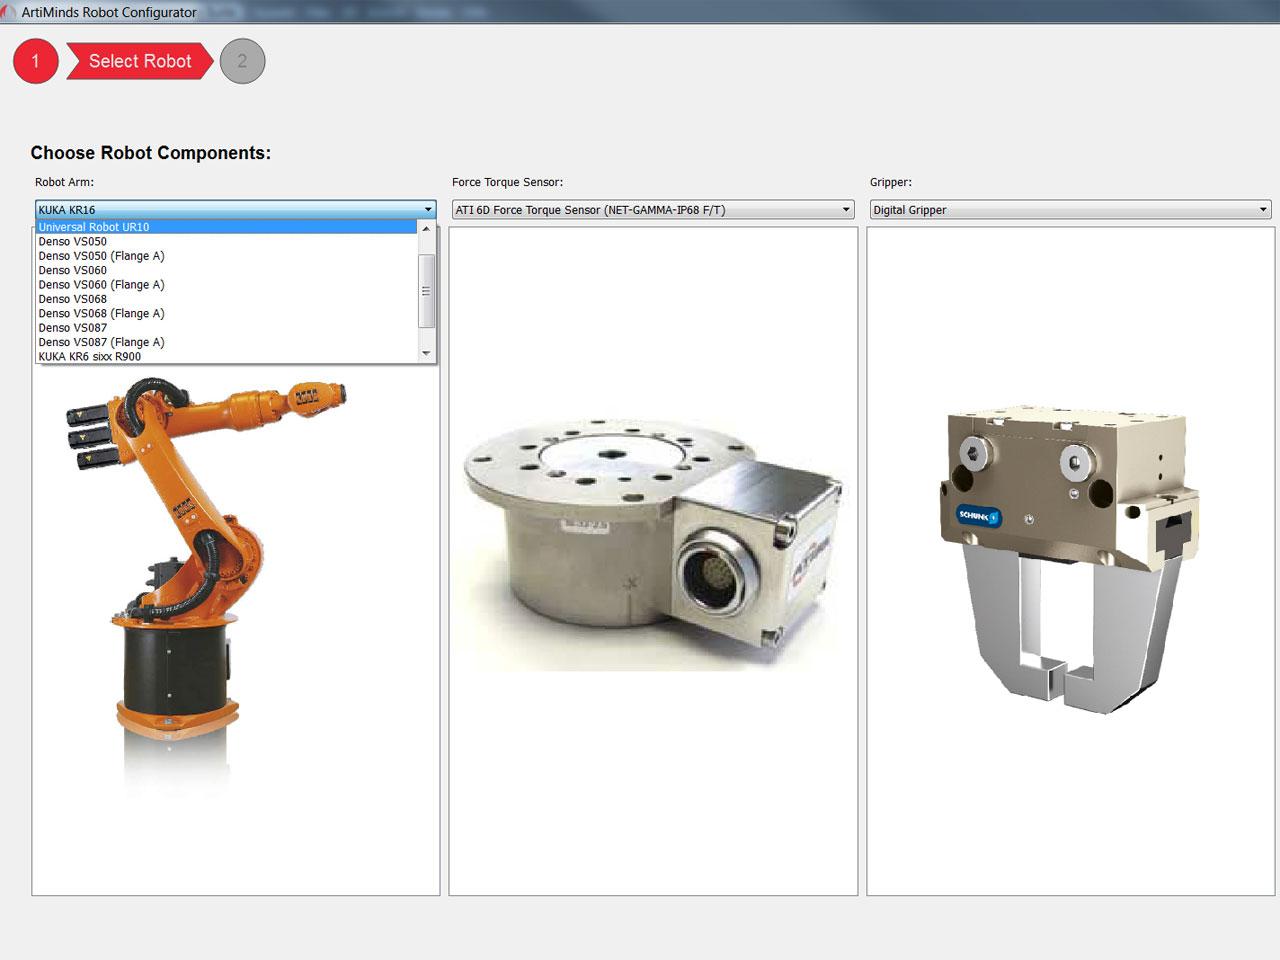 ArtiMinds RPS robot configurator Kuka